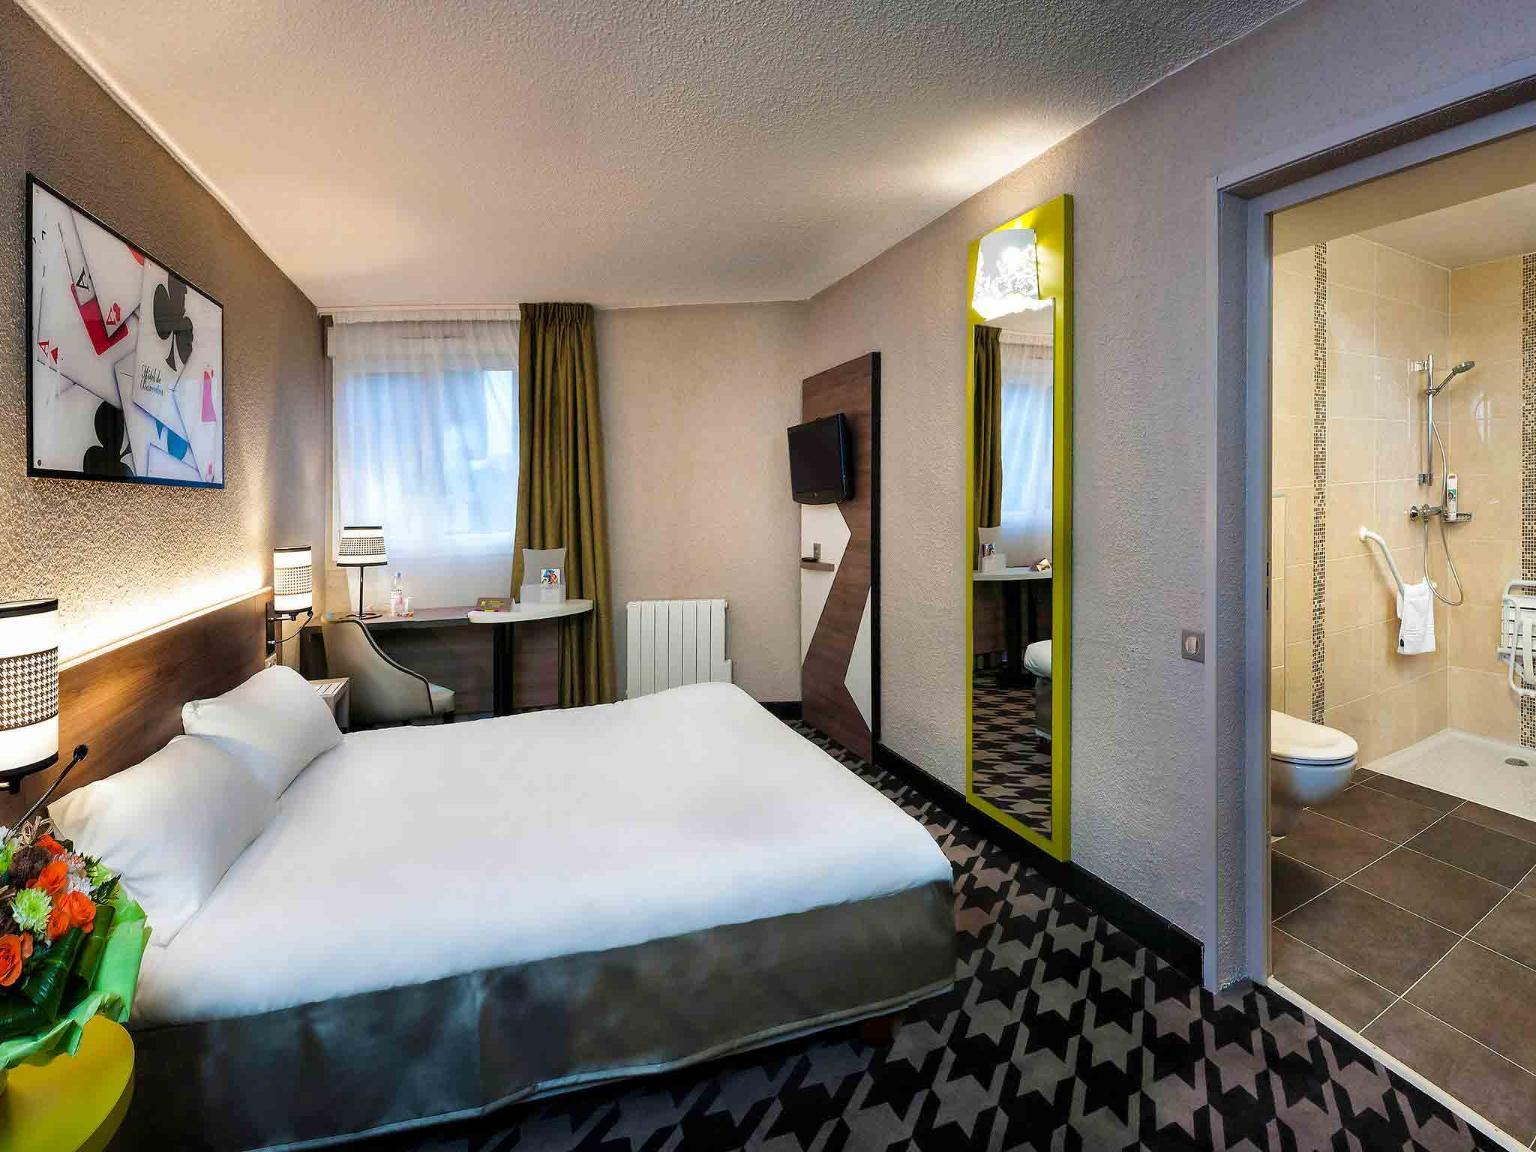 Hotel Ibis Budget Etretat